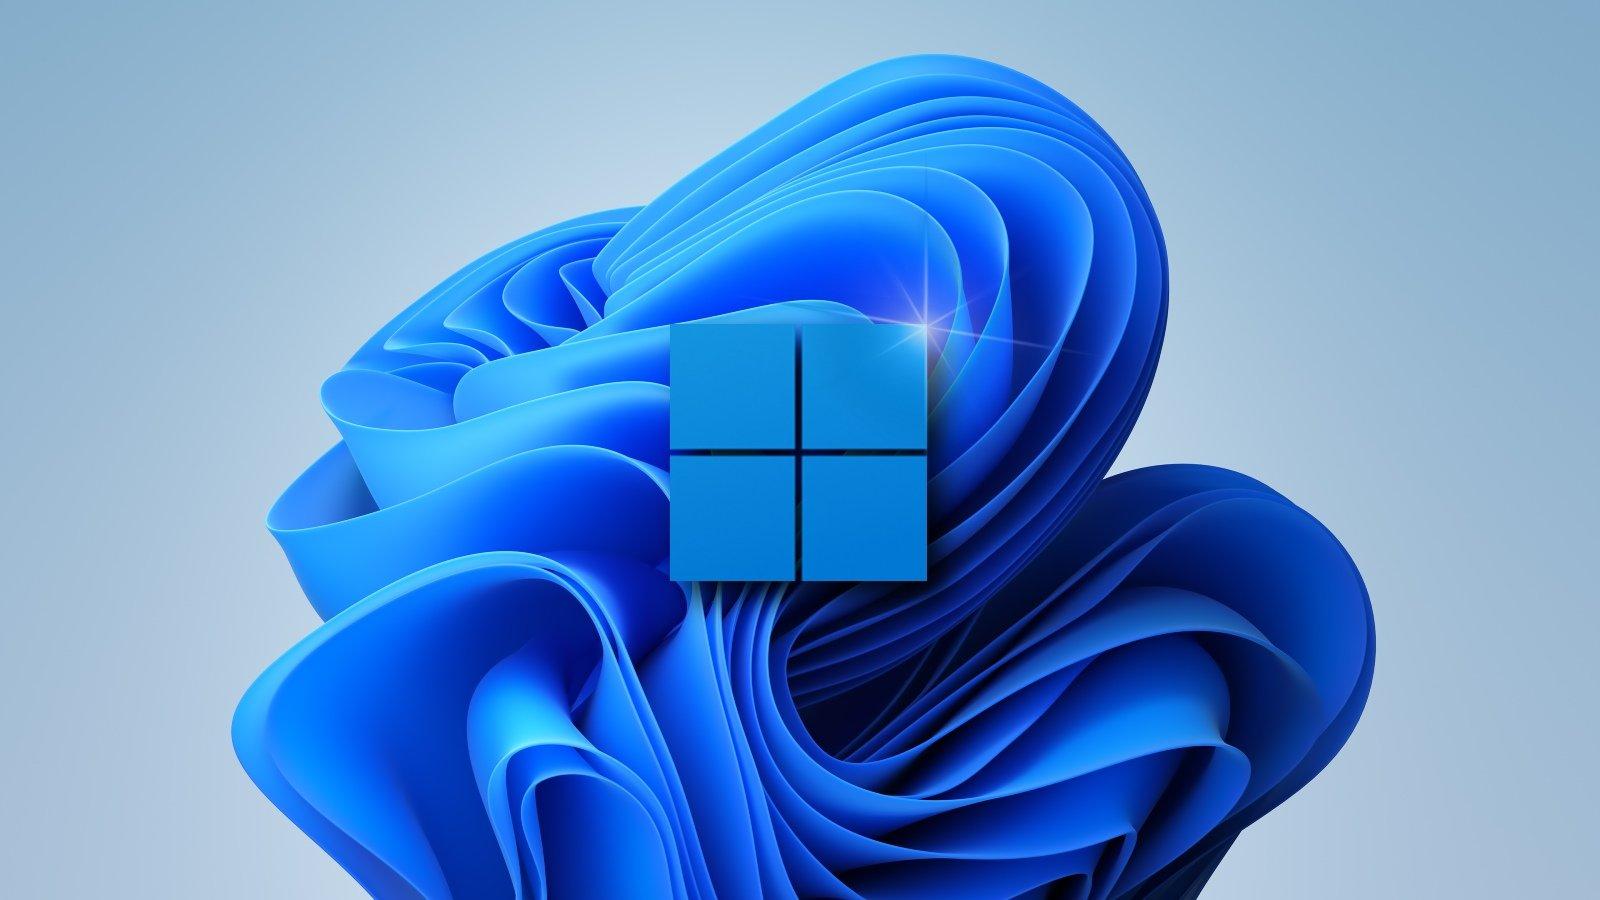 ویندوز ۱۱ SE رویت شد: نسخه سبکتر ویندوز ۱۱ مایکروسافت؟